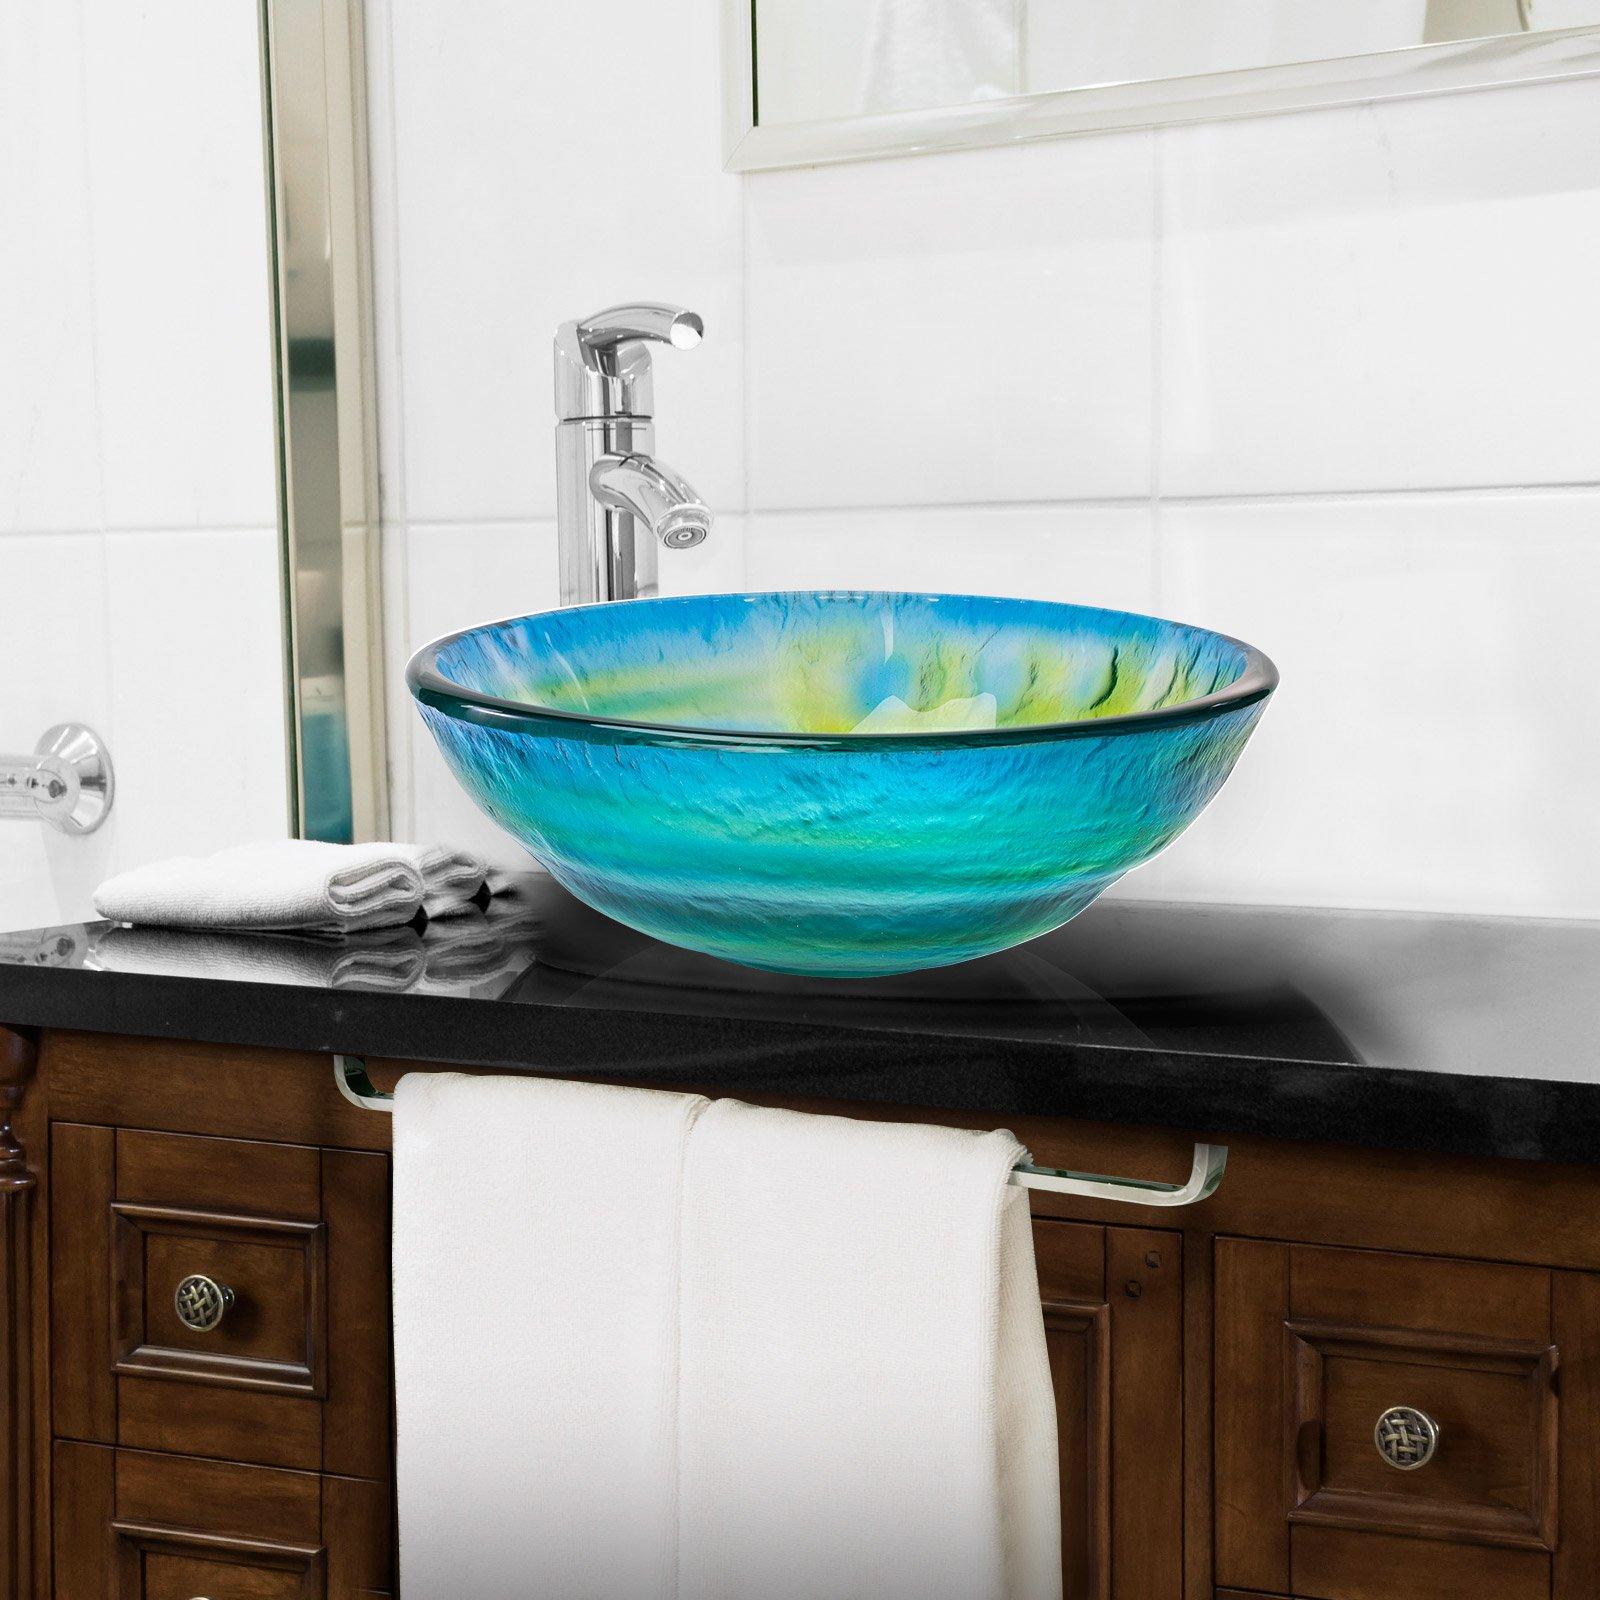 Tempered glass vessel bathroom vanity sink round bowl - Bathroom tempered glass vessel sink ...